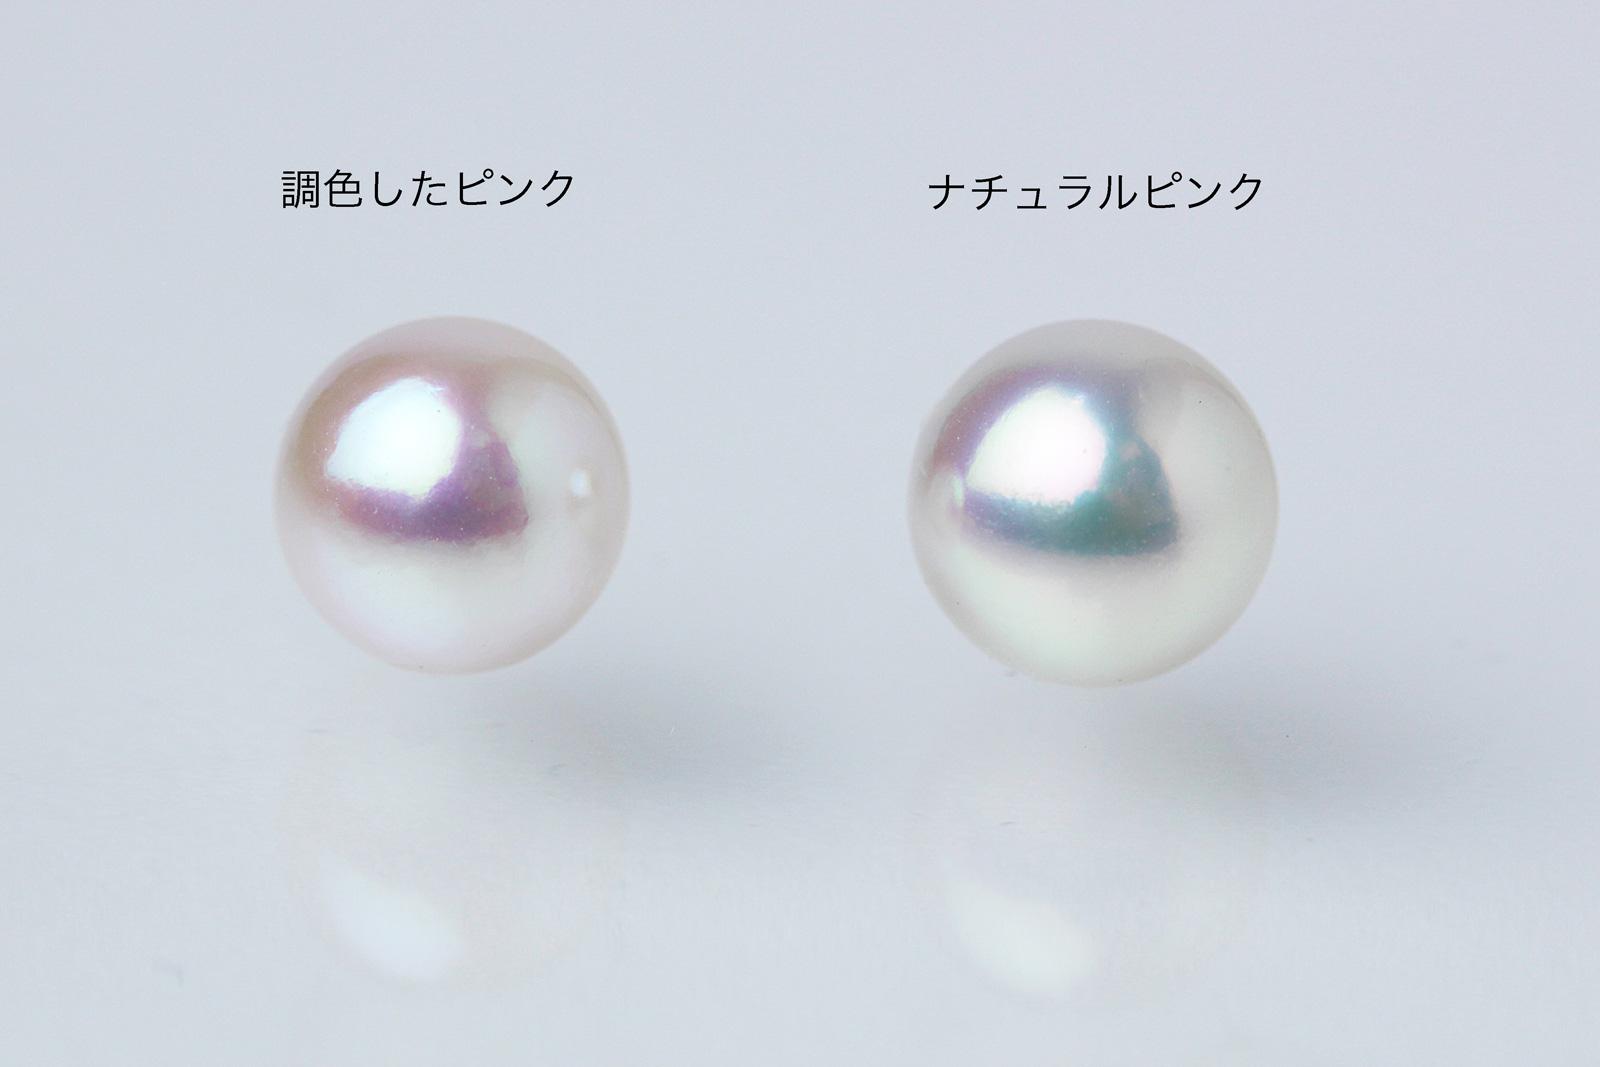 調色した真珠と無調色の真珠の比較